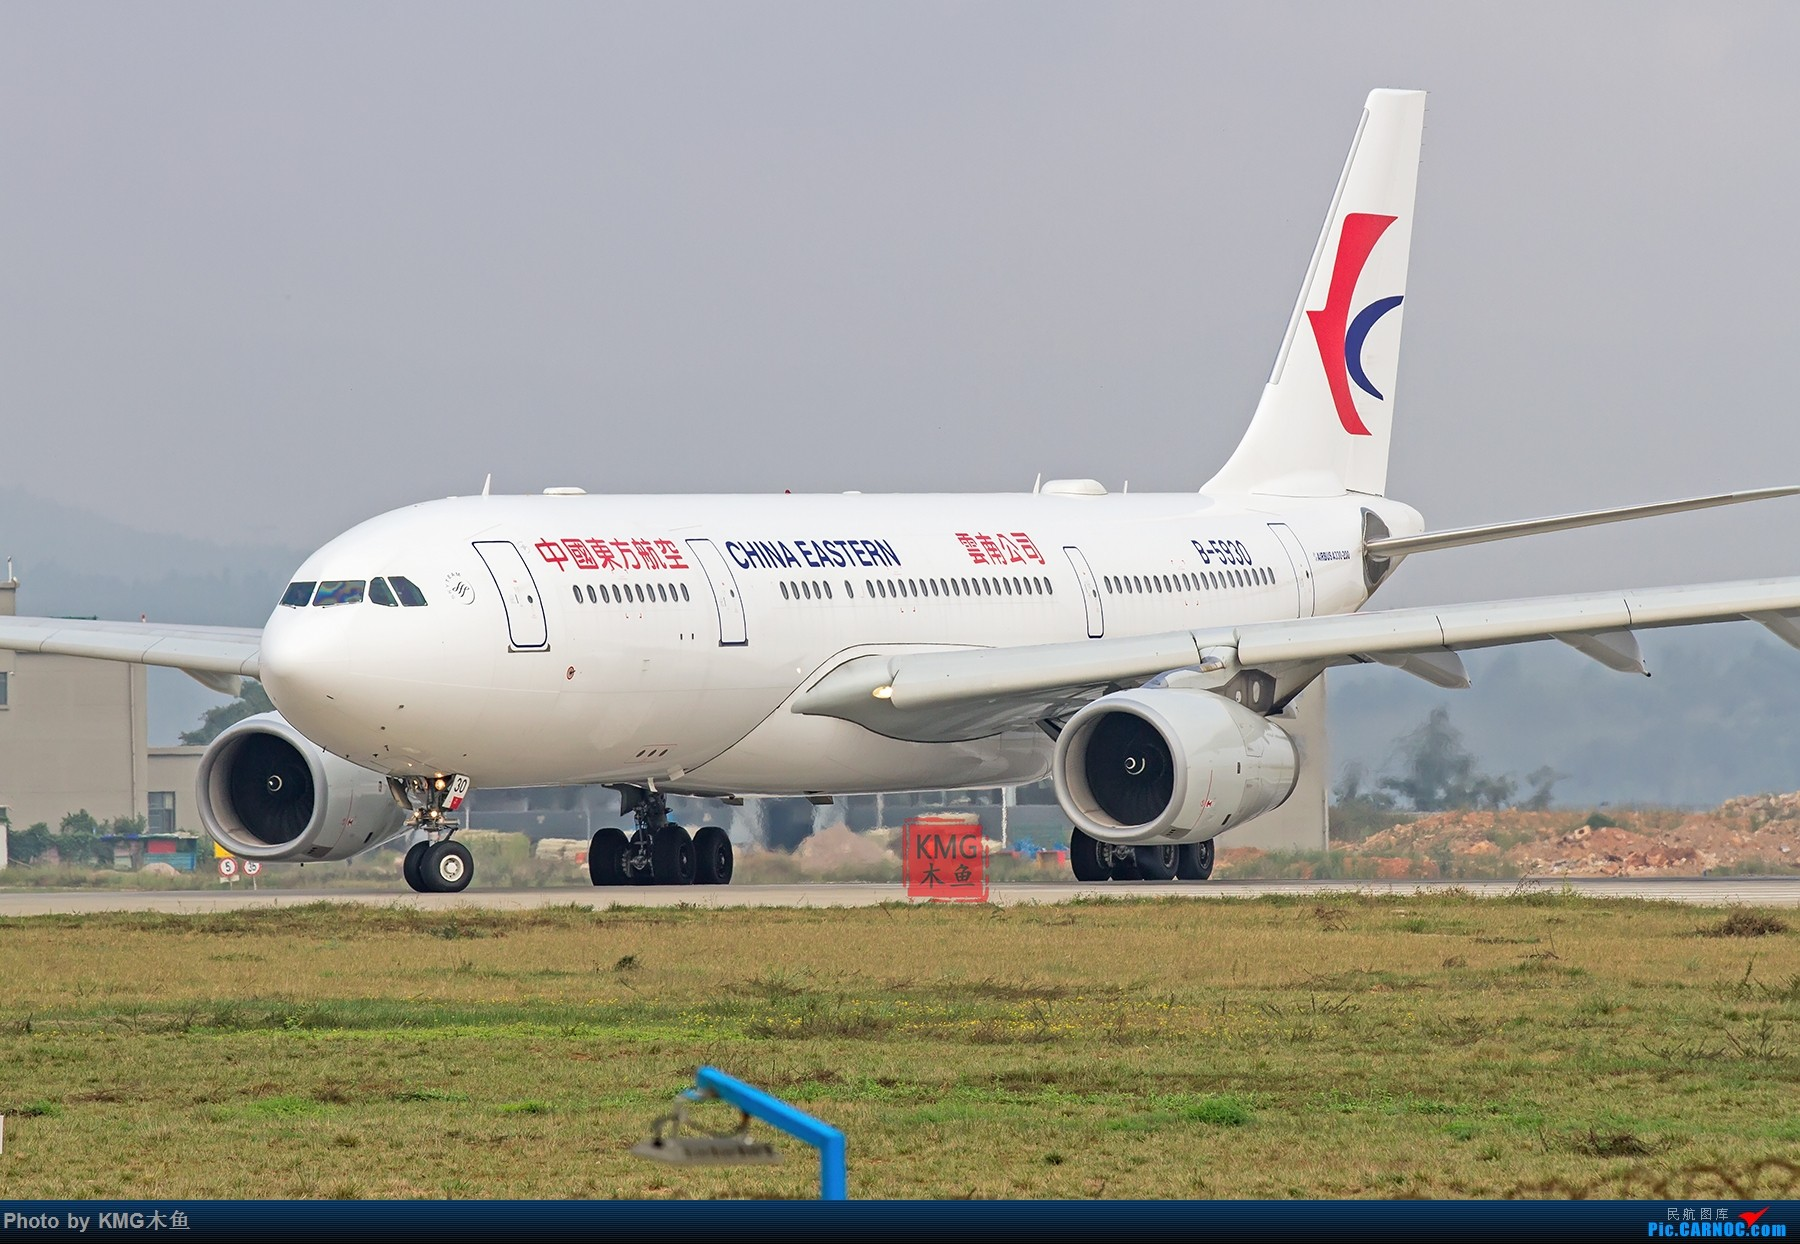 [原创]【昆明长水国际机场—KMG木鱼10.16日拍机】周末拍机,有宽体,有彩绘,少了小伙伴们,独自一人拍机 AIRBUS A330-200 B-5930 中国昆明长水国际机场